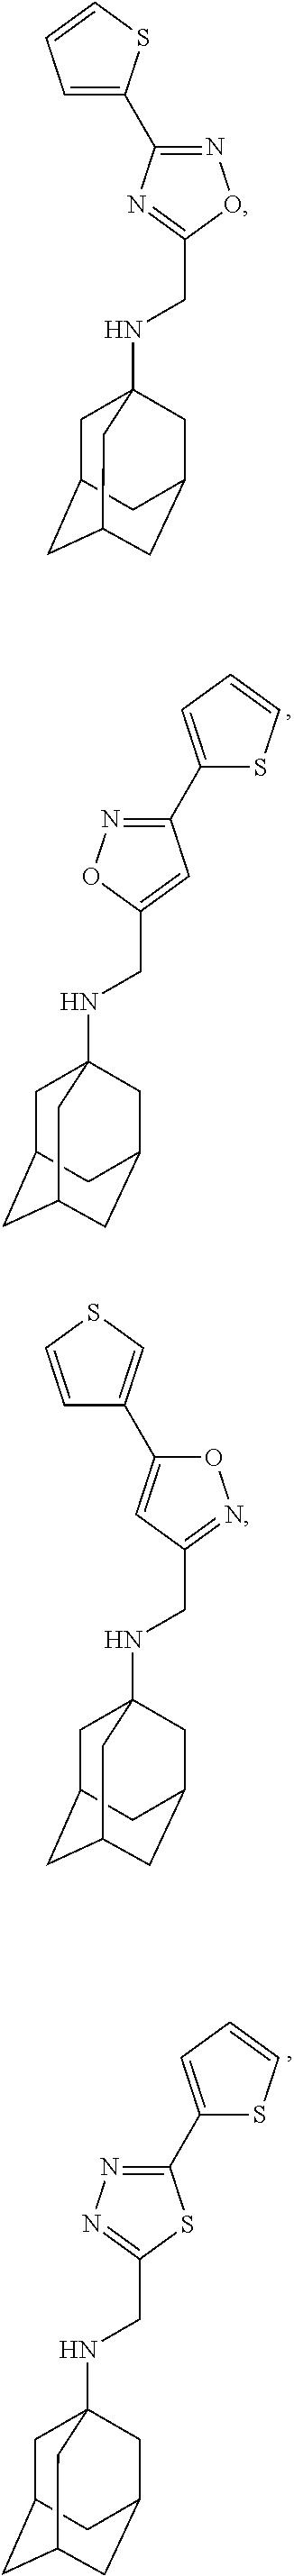 Figure US09884832-20180206-C00060